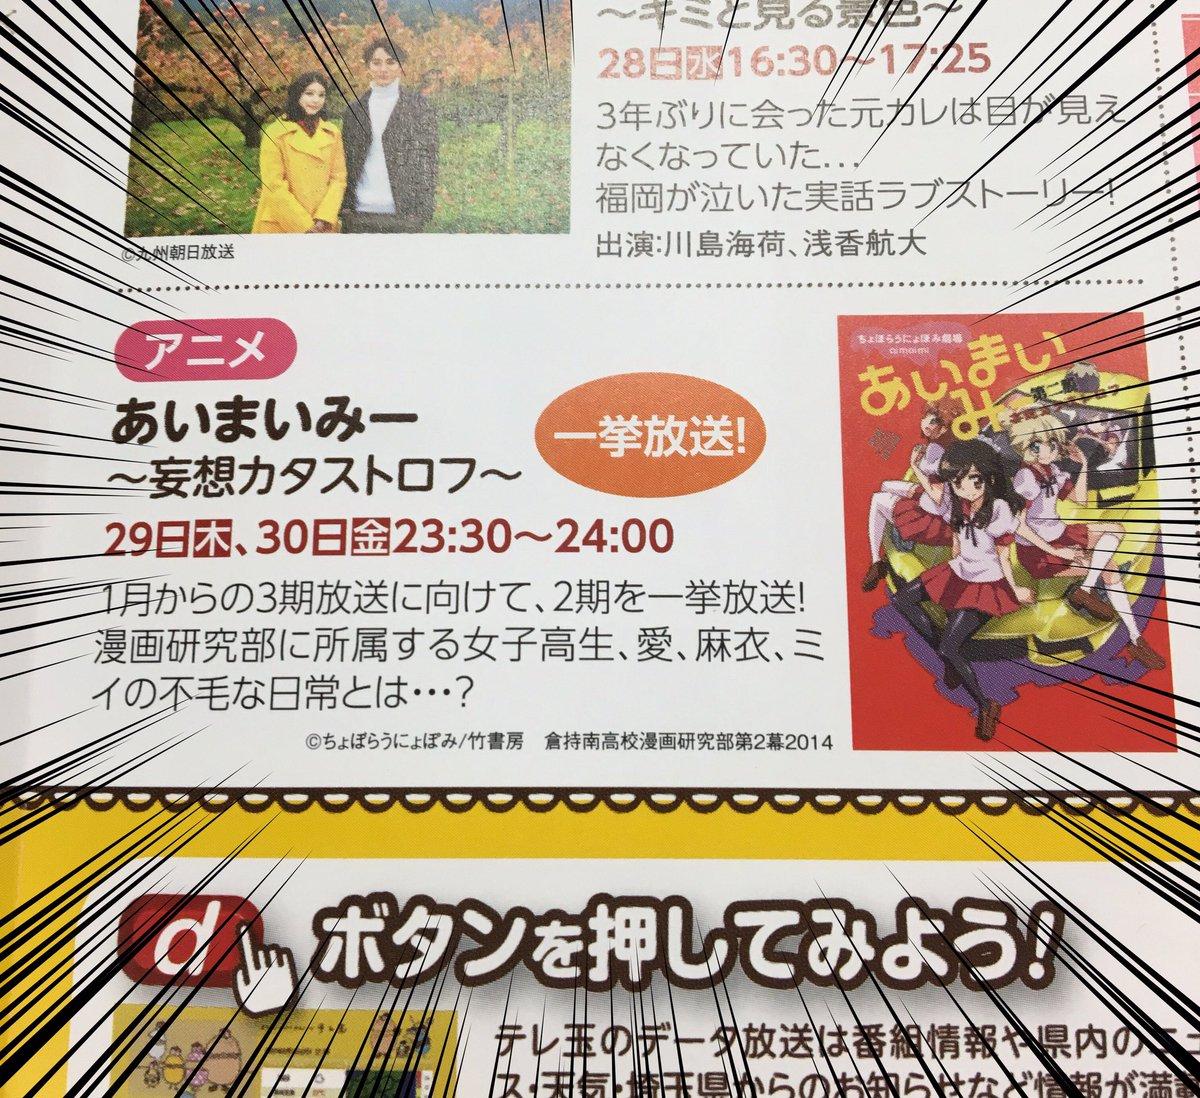 テレビ埼玉のタイムテーブルに恐ろしいものが載ってた…てれたまイチ押しアニメあいまいみー一挙放送だよ!